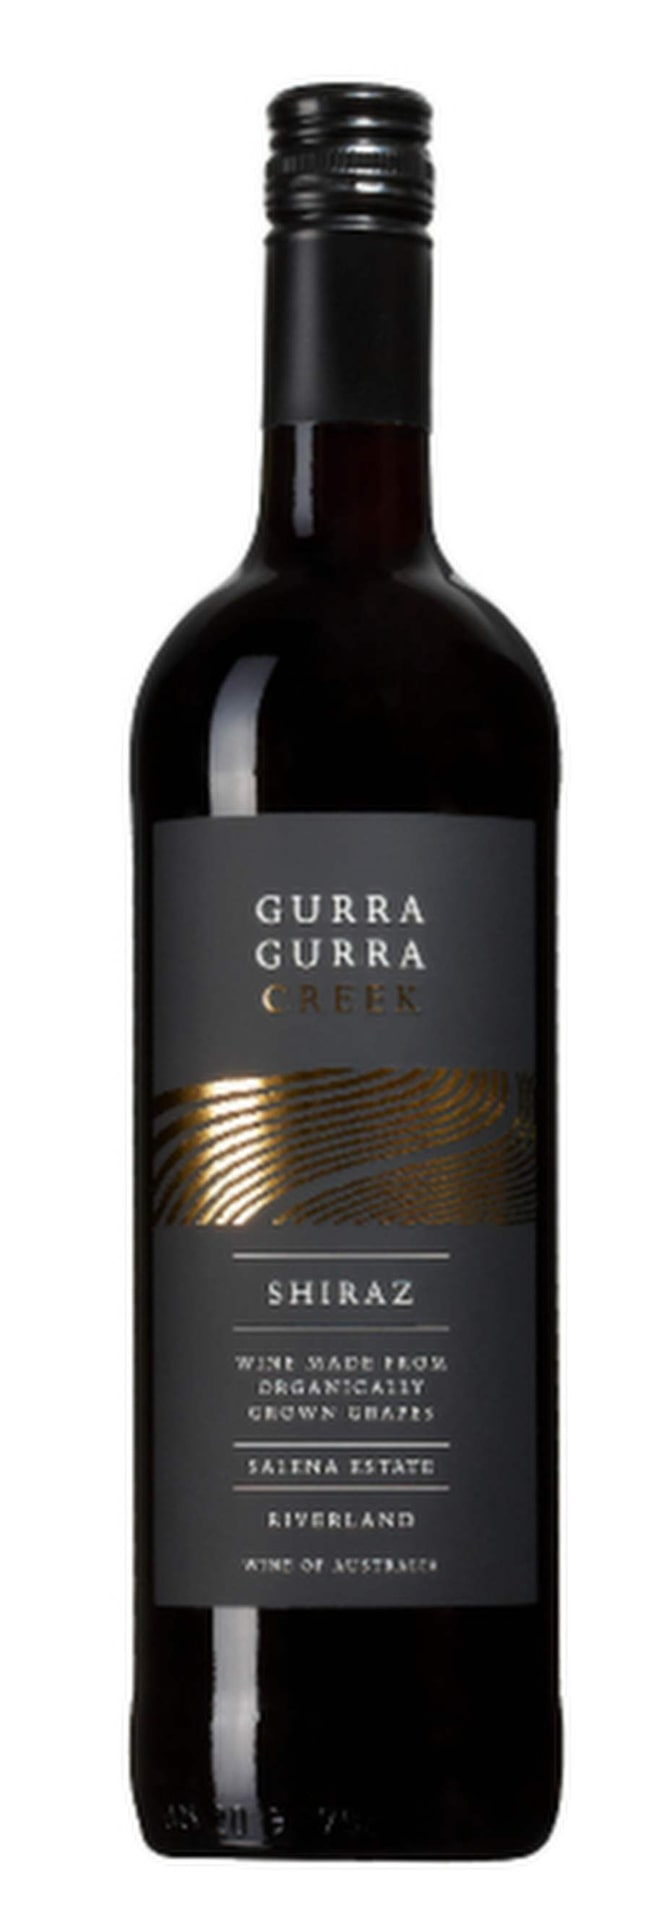 Gurra Gurra Creek Shiraz 2012 (6302) Australien, 79 kr